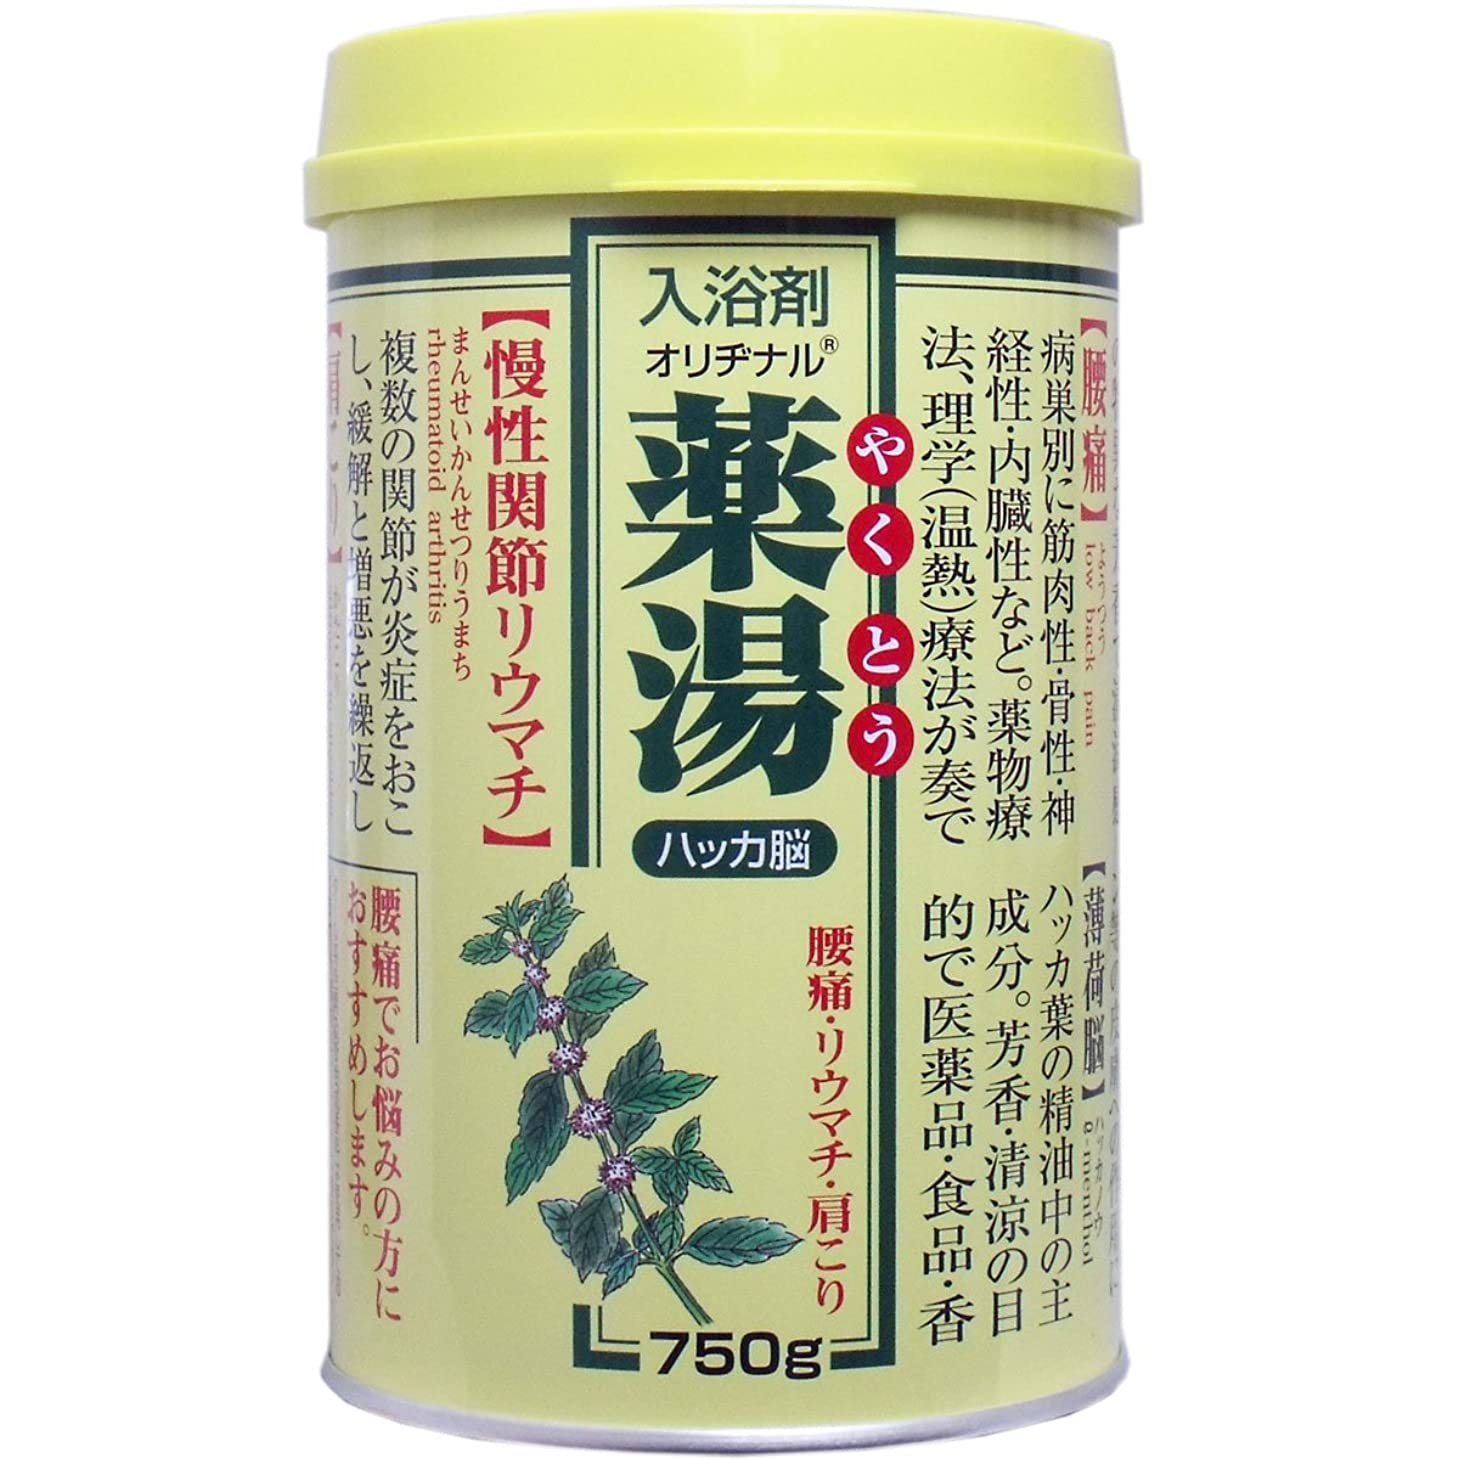 疑わしい事前胃【まとめ買い】NEWオリヂナル薬湯 ハッカ脳 750g ×2セット